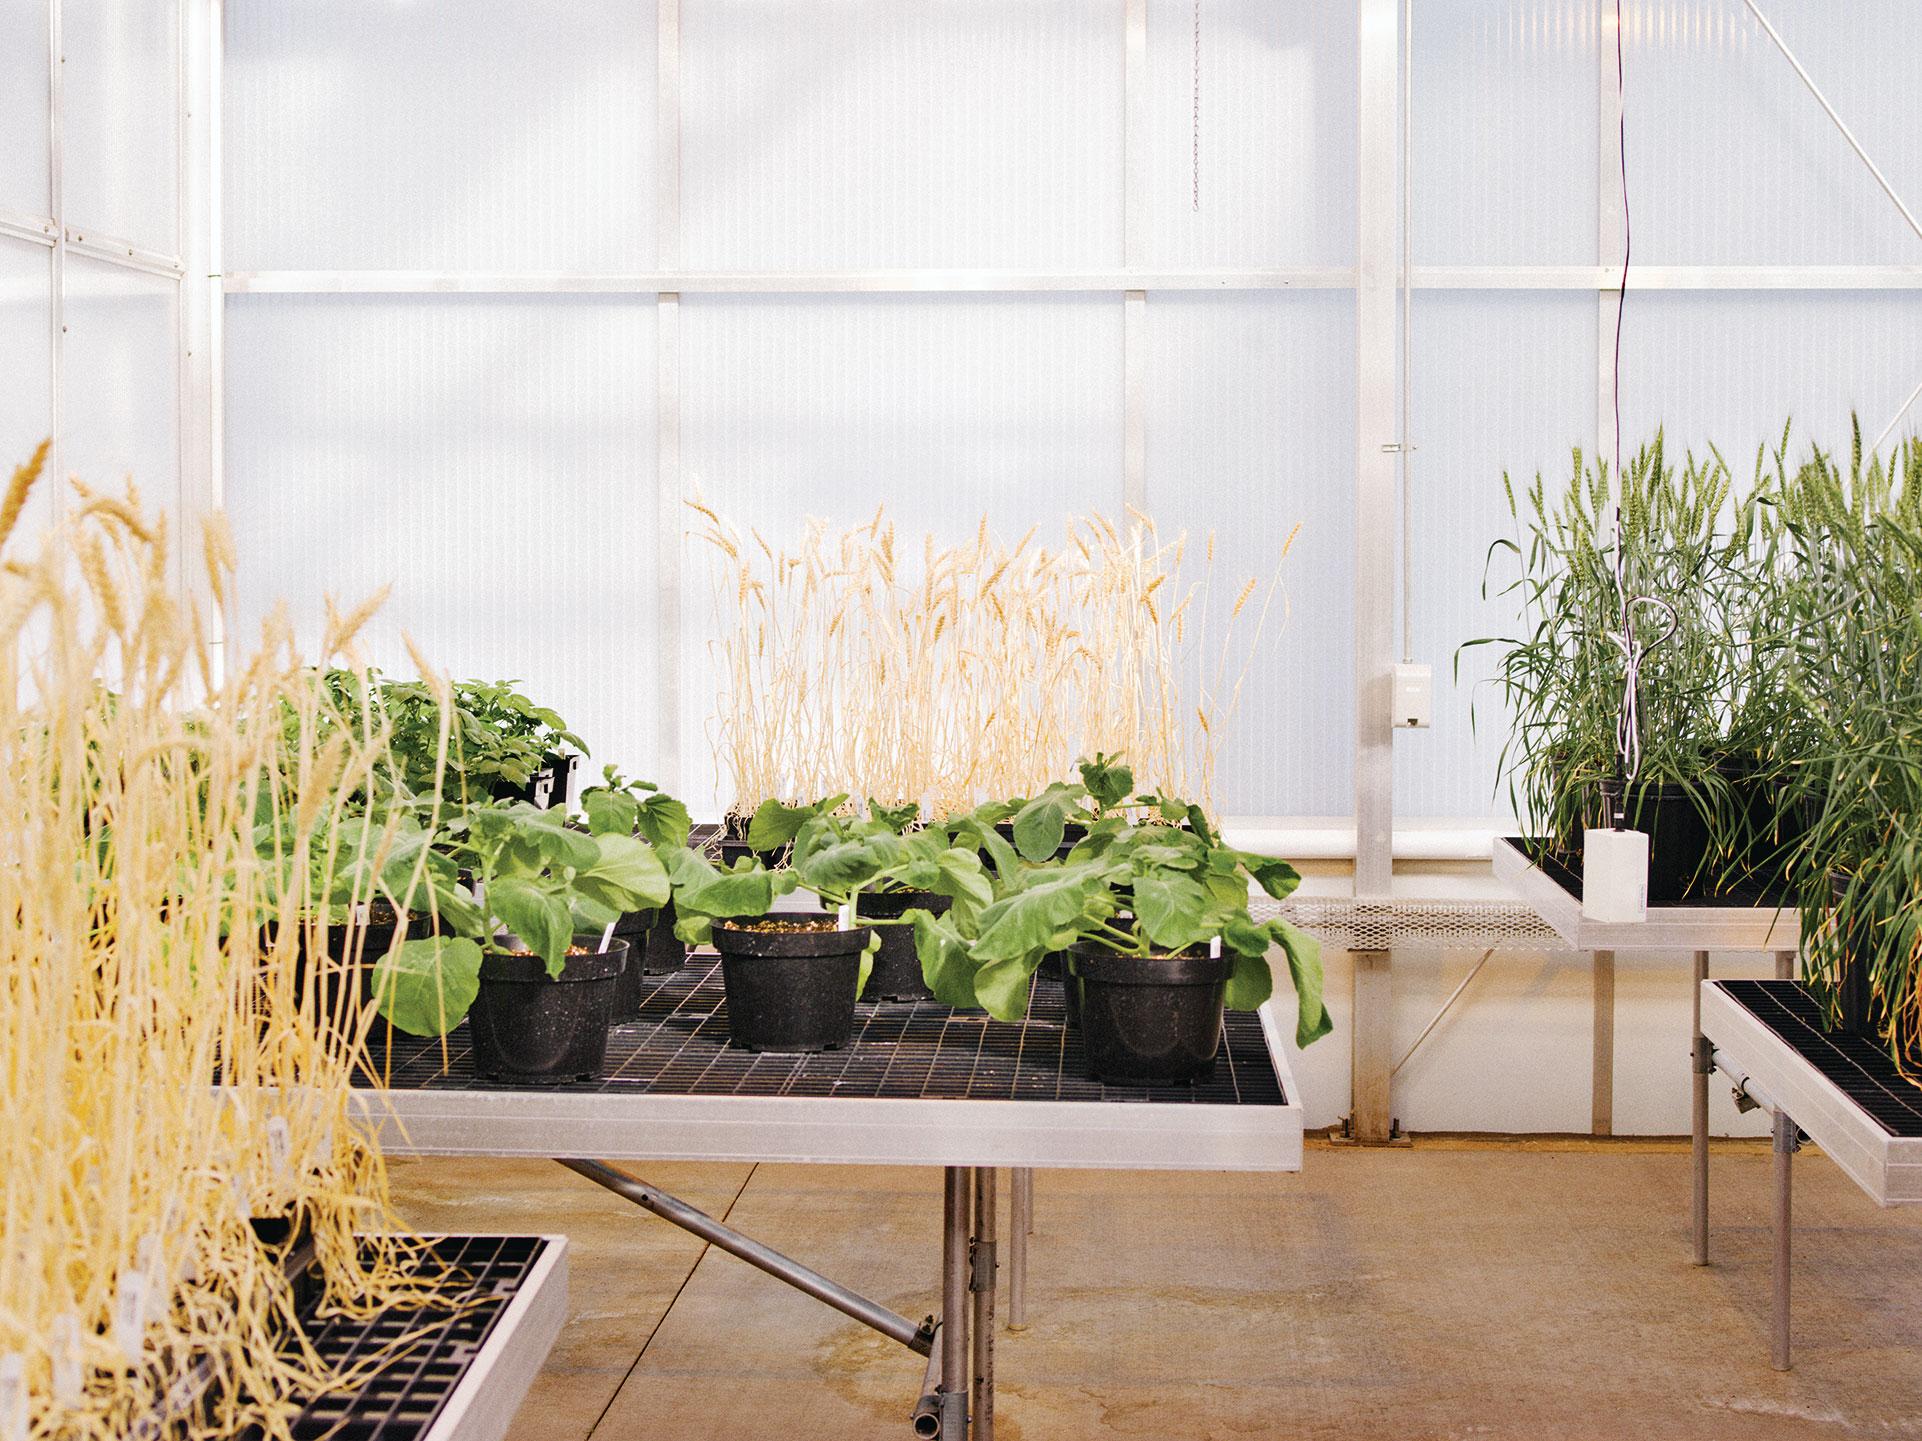 Las plantas de diseño crecen bajo luz artificial en el invernadero de Calyxt, una empresa de edición de genes en Minneapolis.